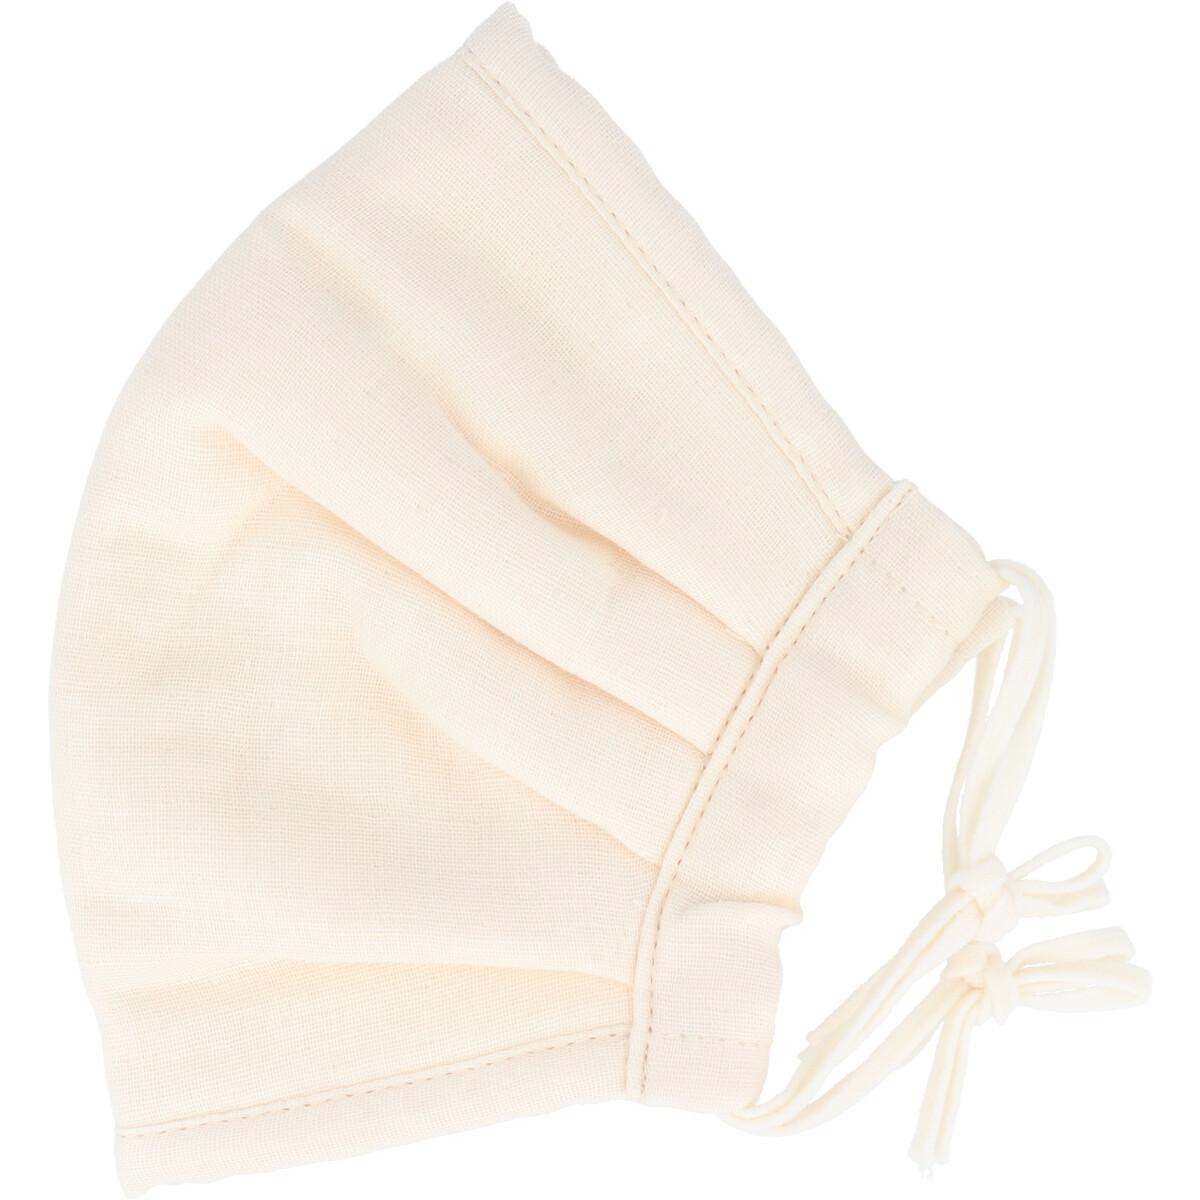 ふわふわマスク 今治産タオル 超敏感肌用 アイボリー ゆったり大きめサイズ 1枚入